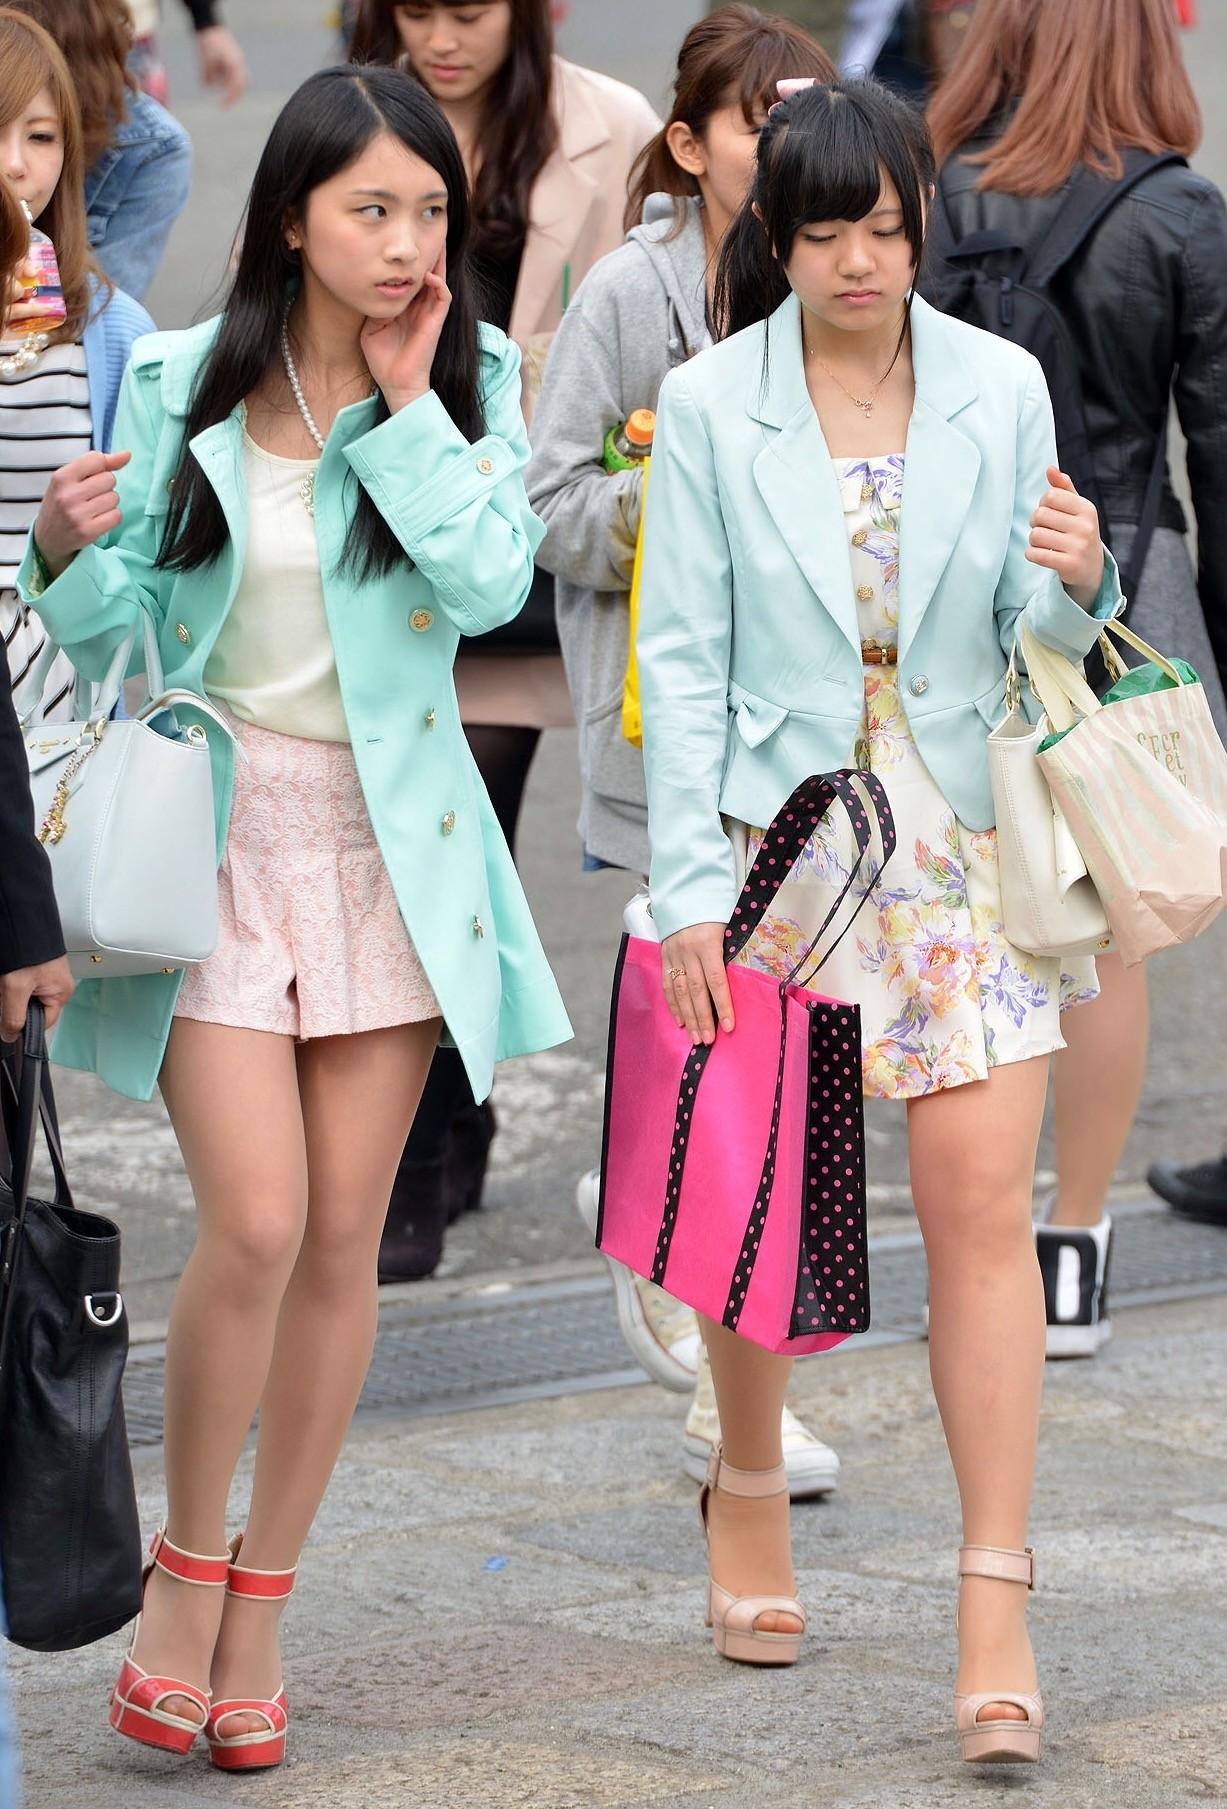 街中で見るシロウト女子達の太ももがえろくてチ〇コ挟みたくなる